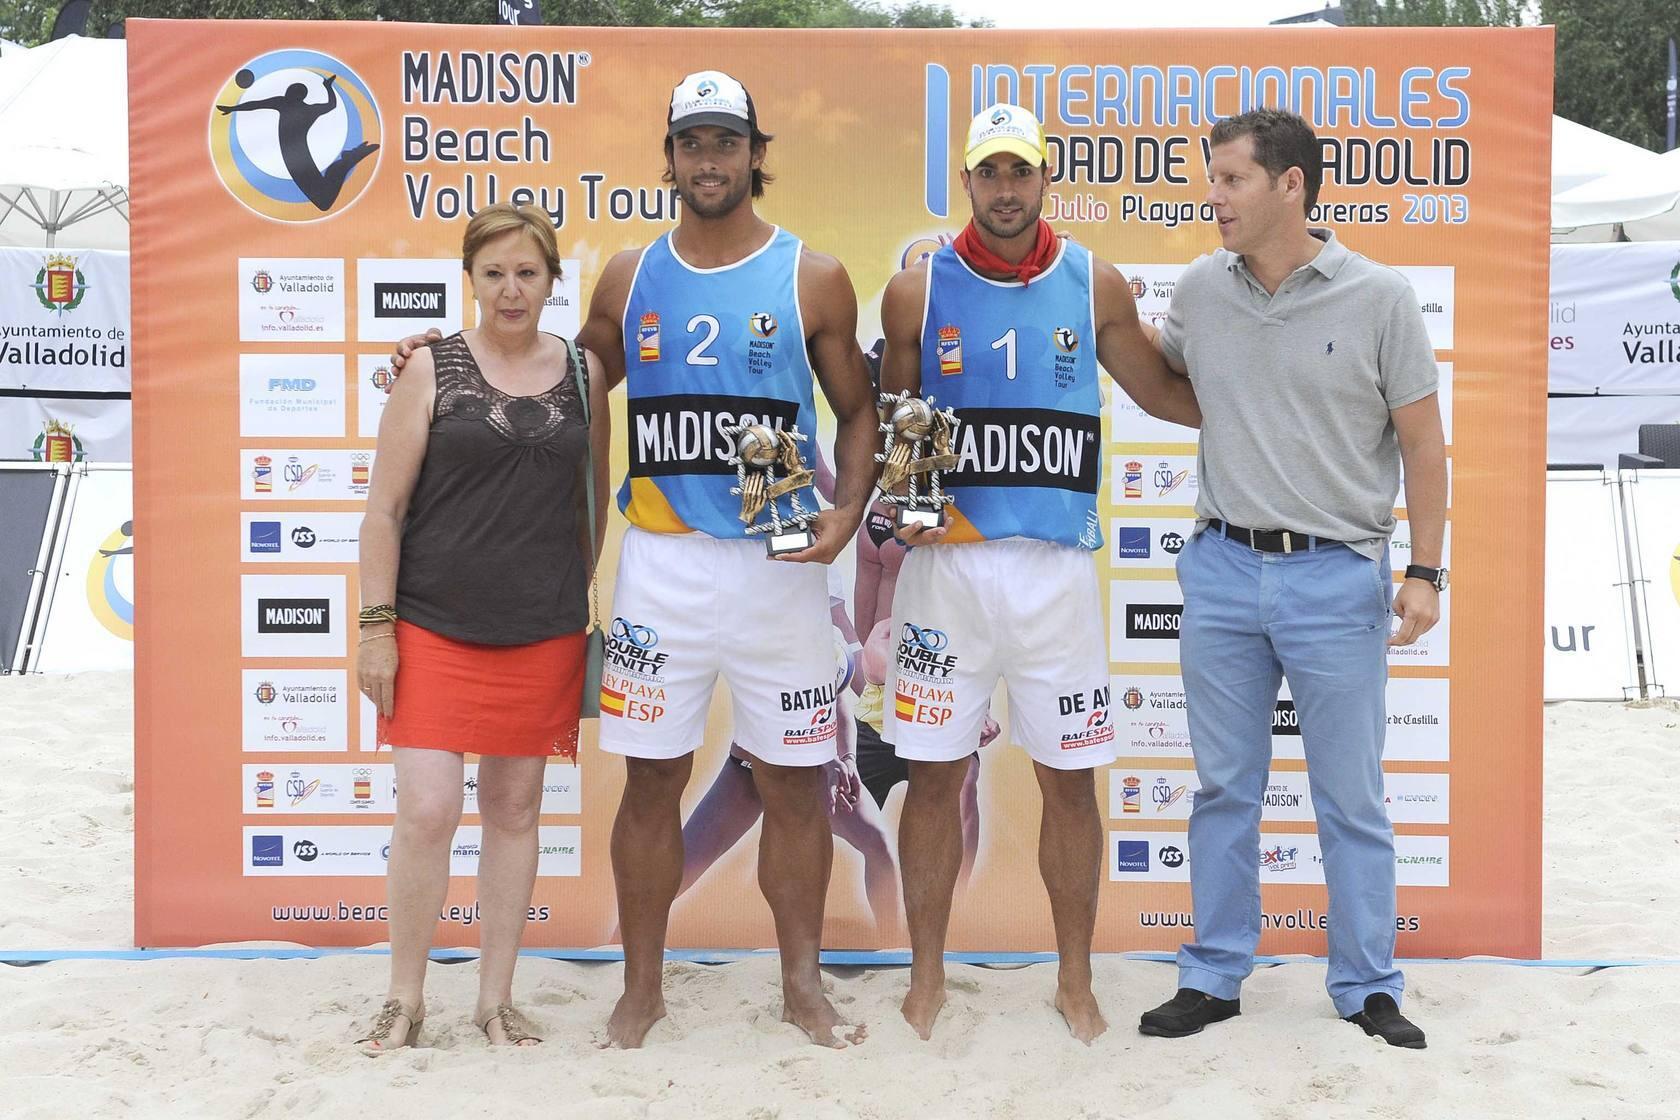 Finales del I Internacionales Ciudad de Valladolid de Voley Playa